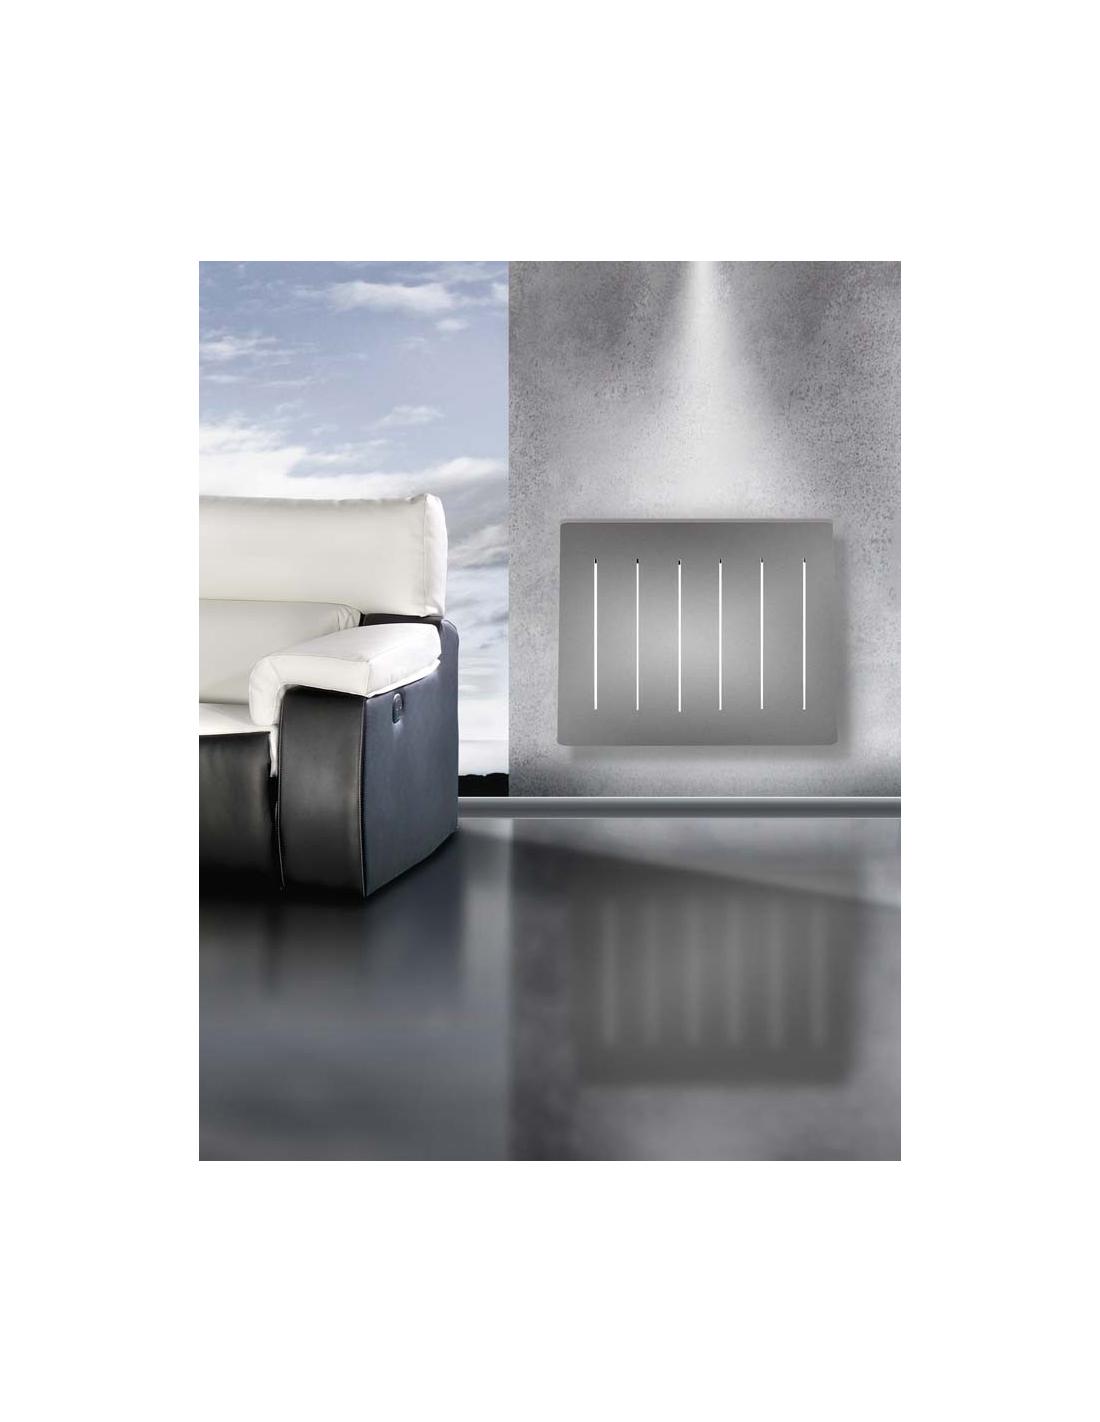 Comprar cubreradiador aluminio gris oscuro a medida del for Mueble gris oscuro